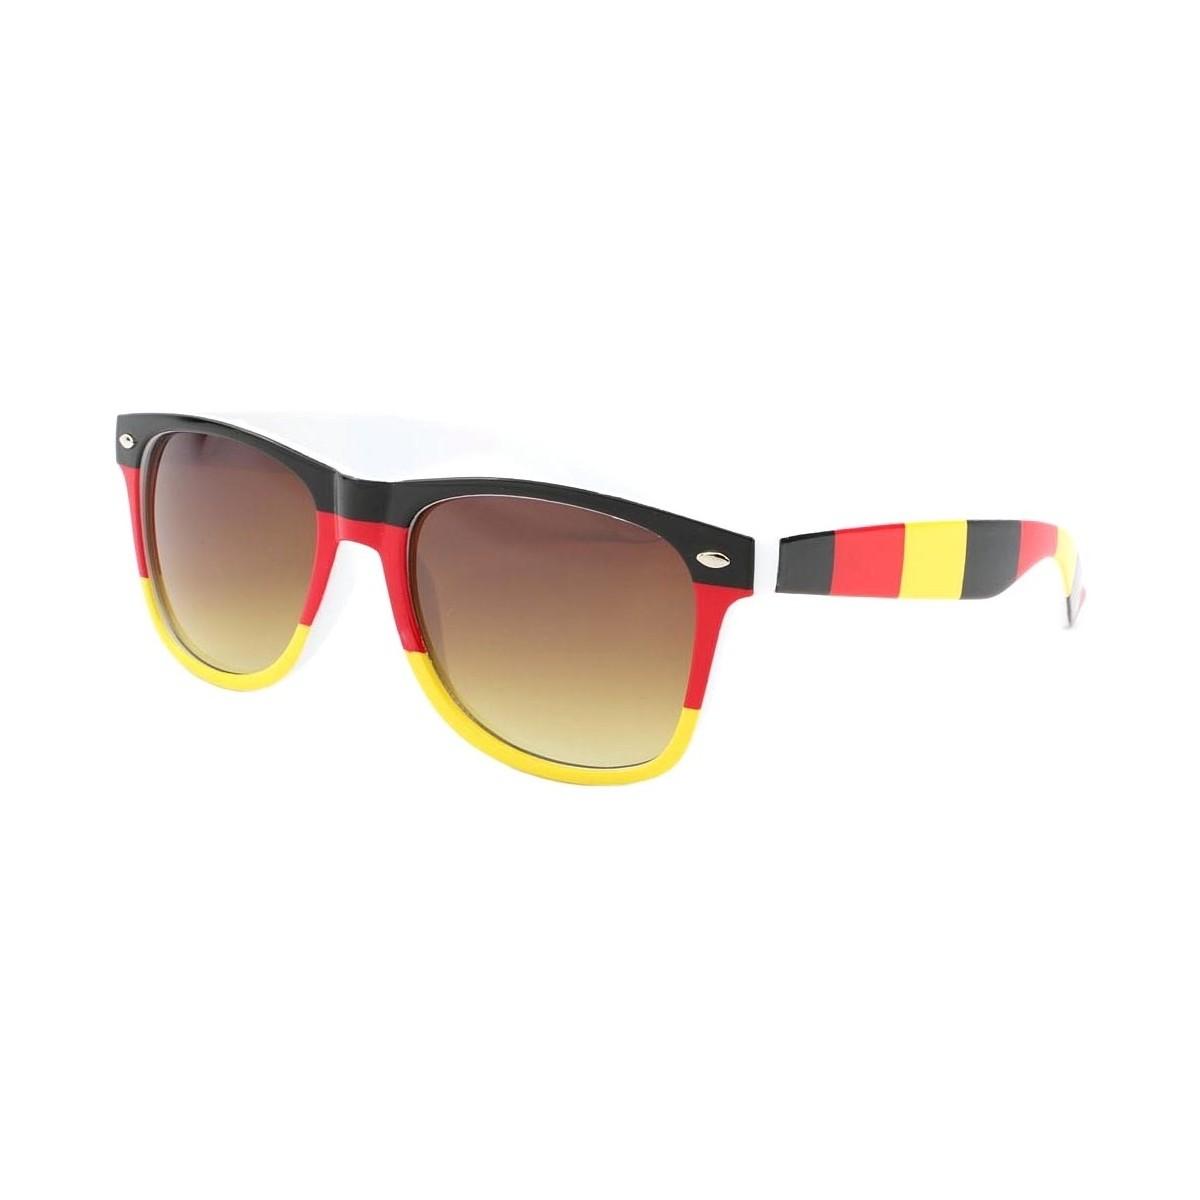 New Time Lunettes de soleil Allemagne Noire Rouge Jaune Noir